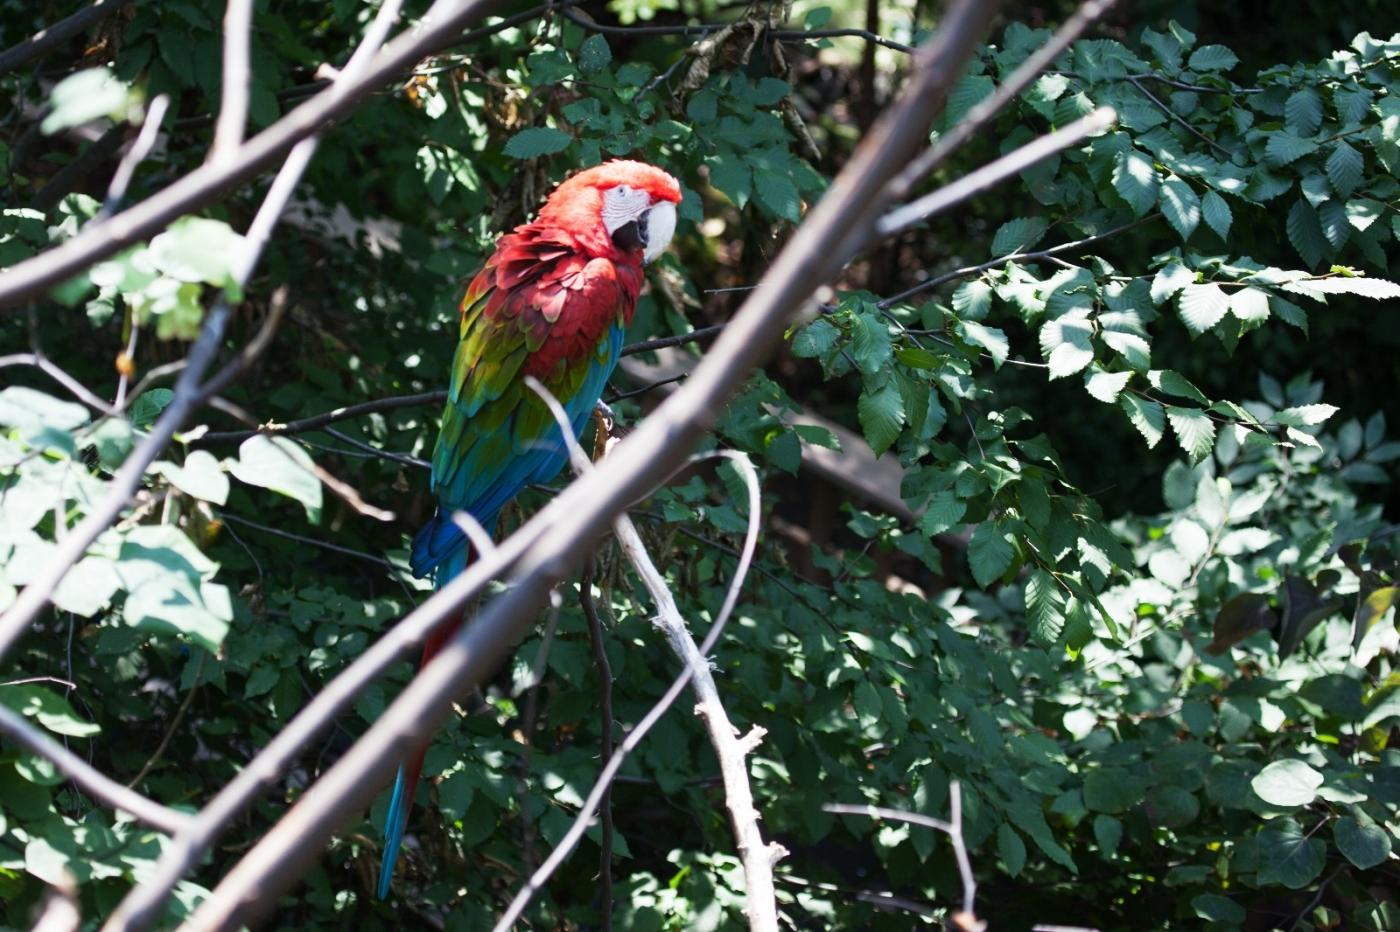 动物园花絮(摄于布朗士动物园,皇后区动物园)_图1-18